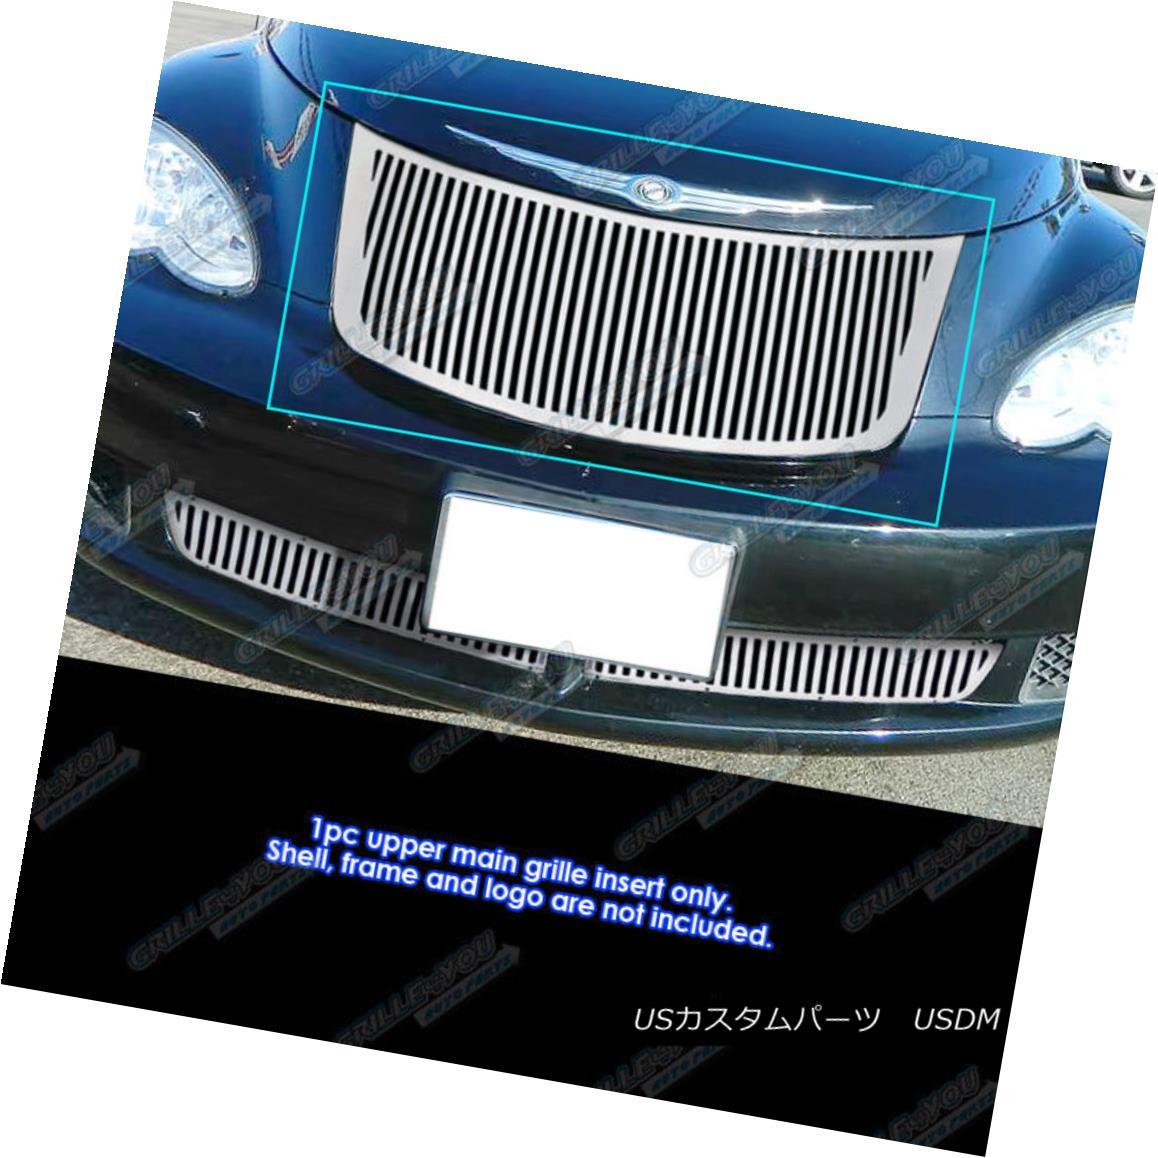 グリル Fits 2006-2010 Chrysler PT Cruiser Perimeter Vertical Grille Grill Insert 2006-2010年に適合するクライスラーPTクルーザー周辺垂直グリルグリルインサート